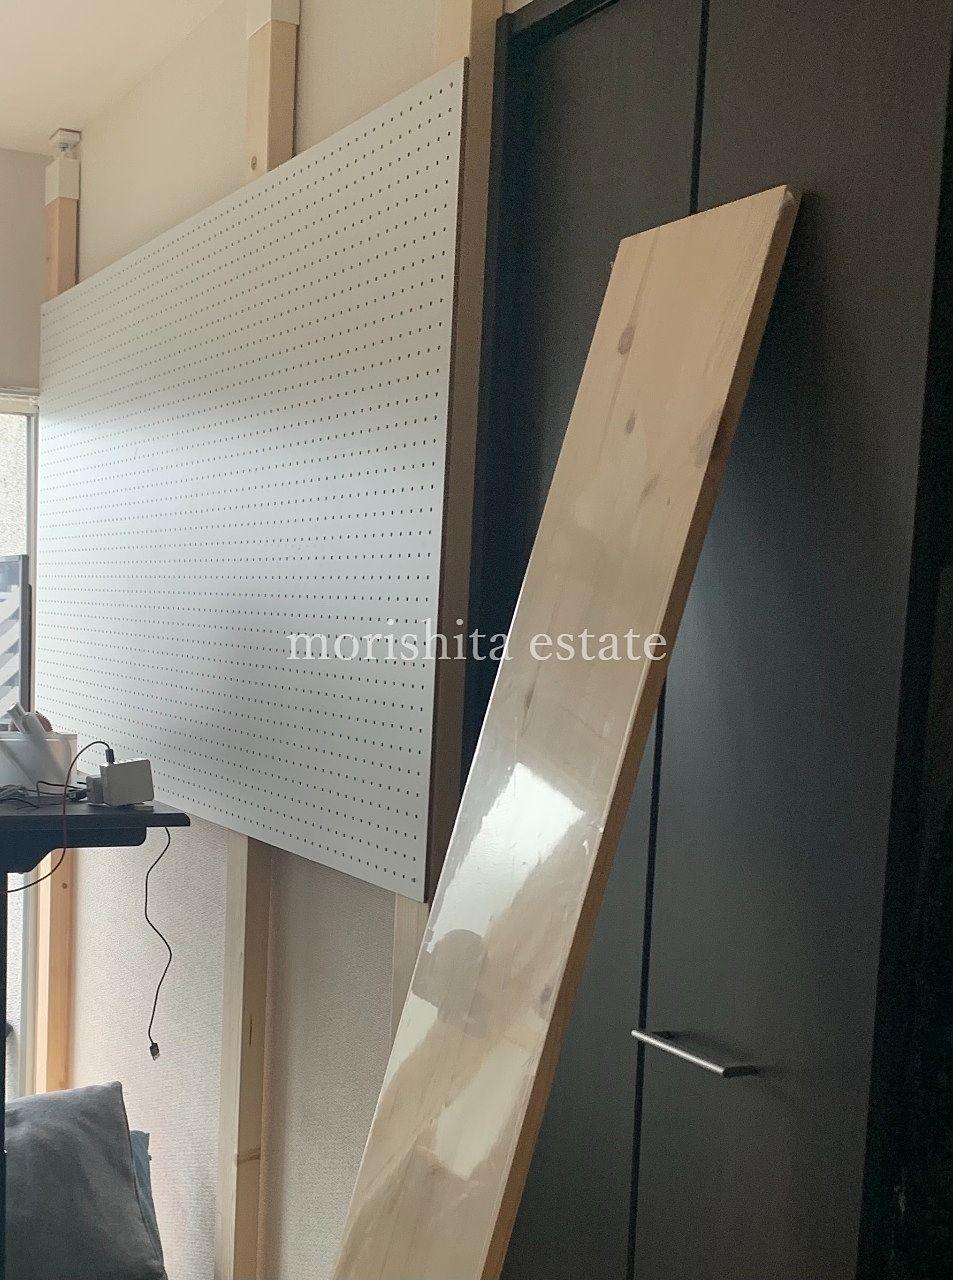 江東区 中古マンション 1DK フルリフォーム 工事 室内写真